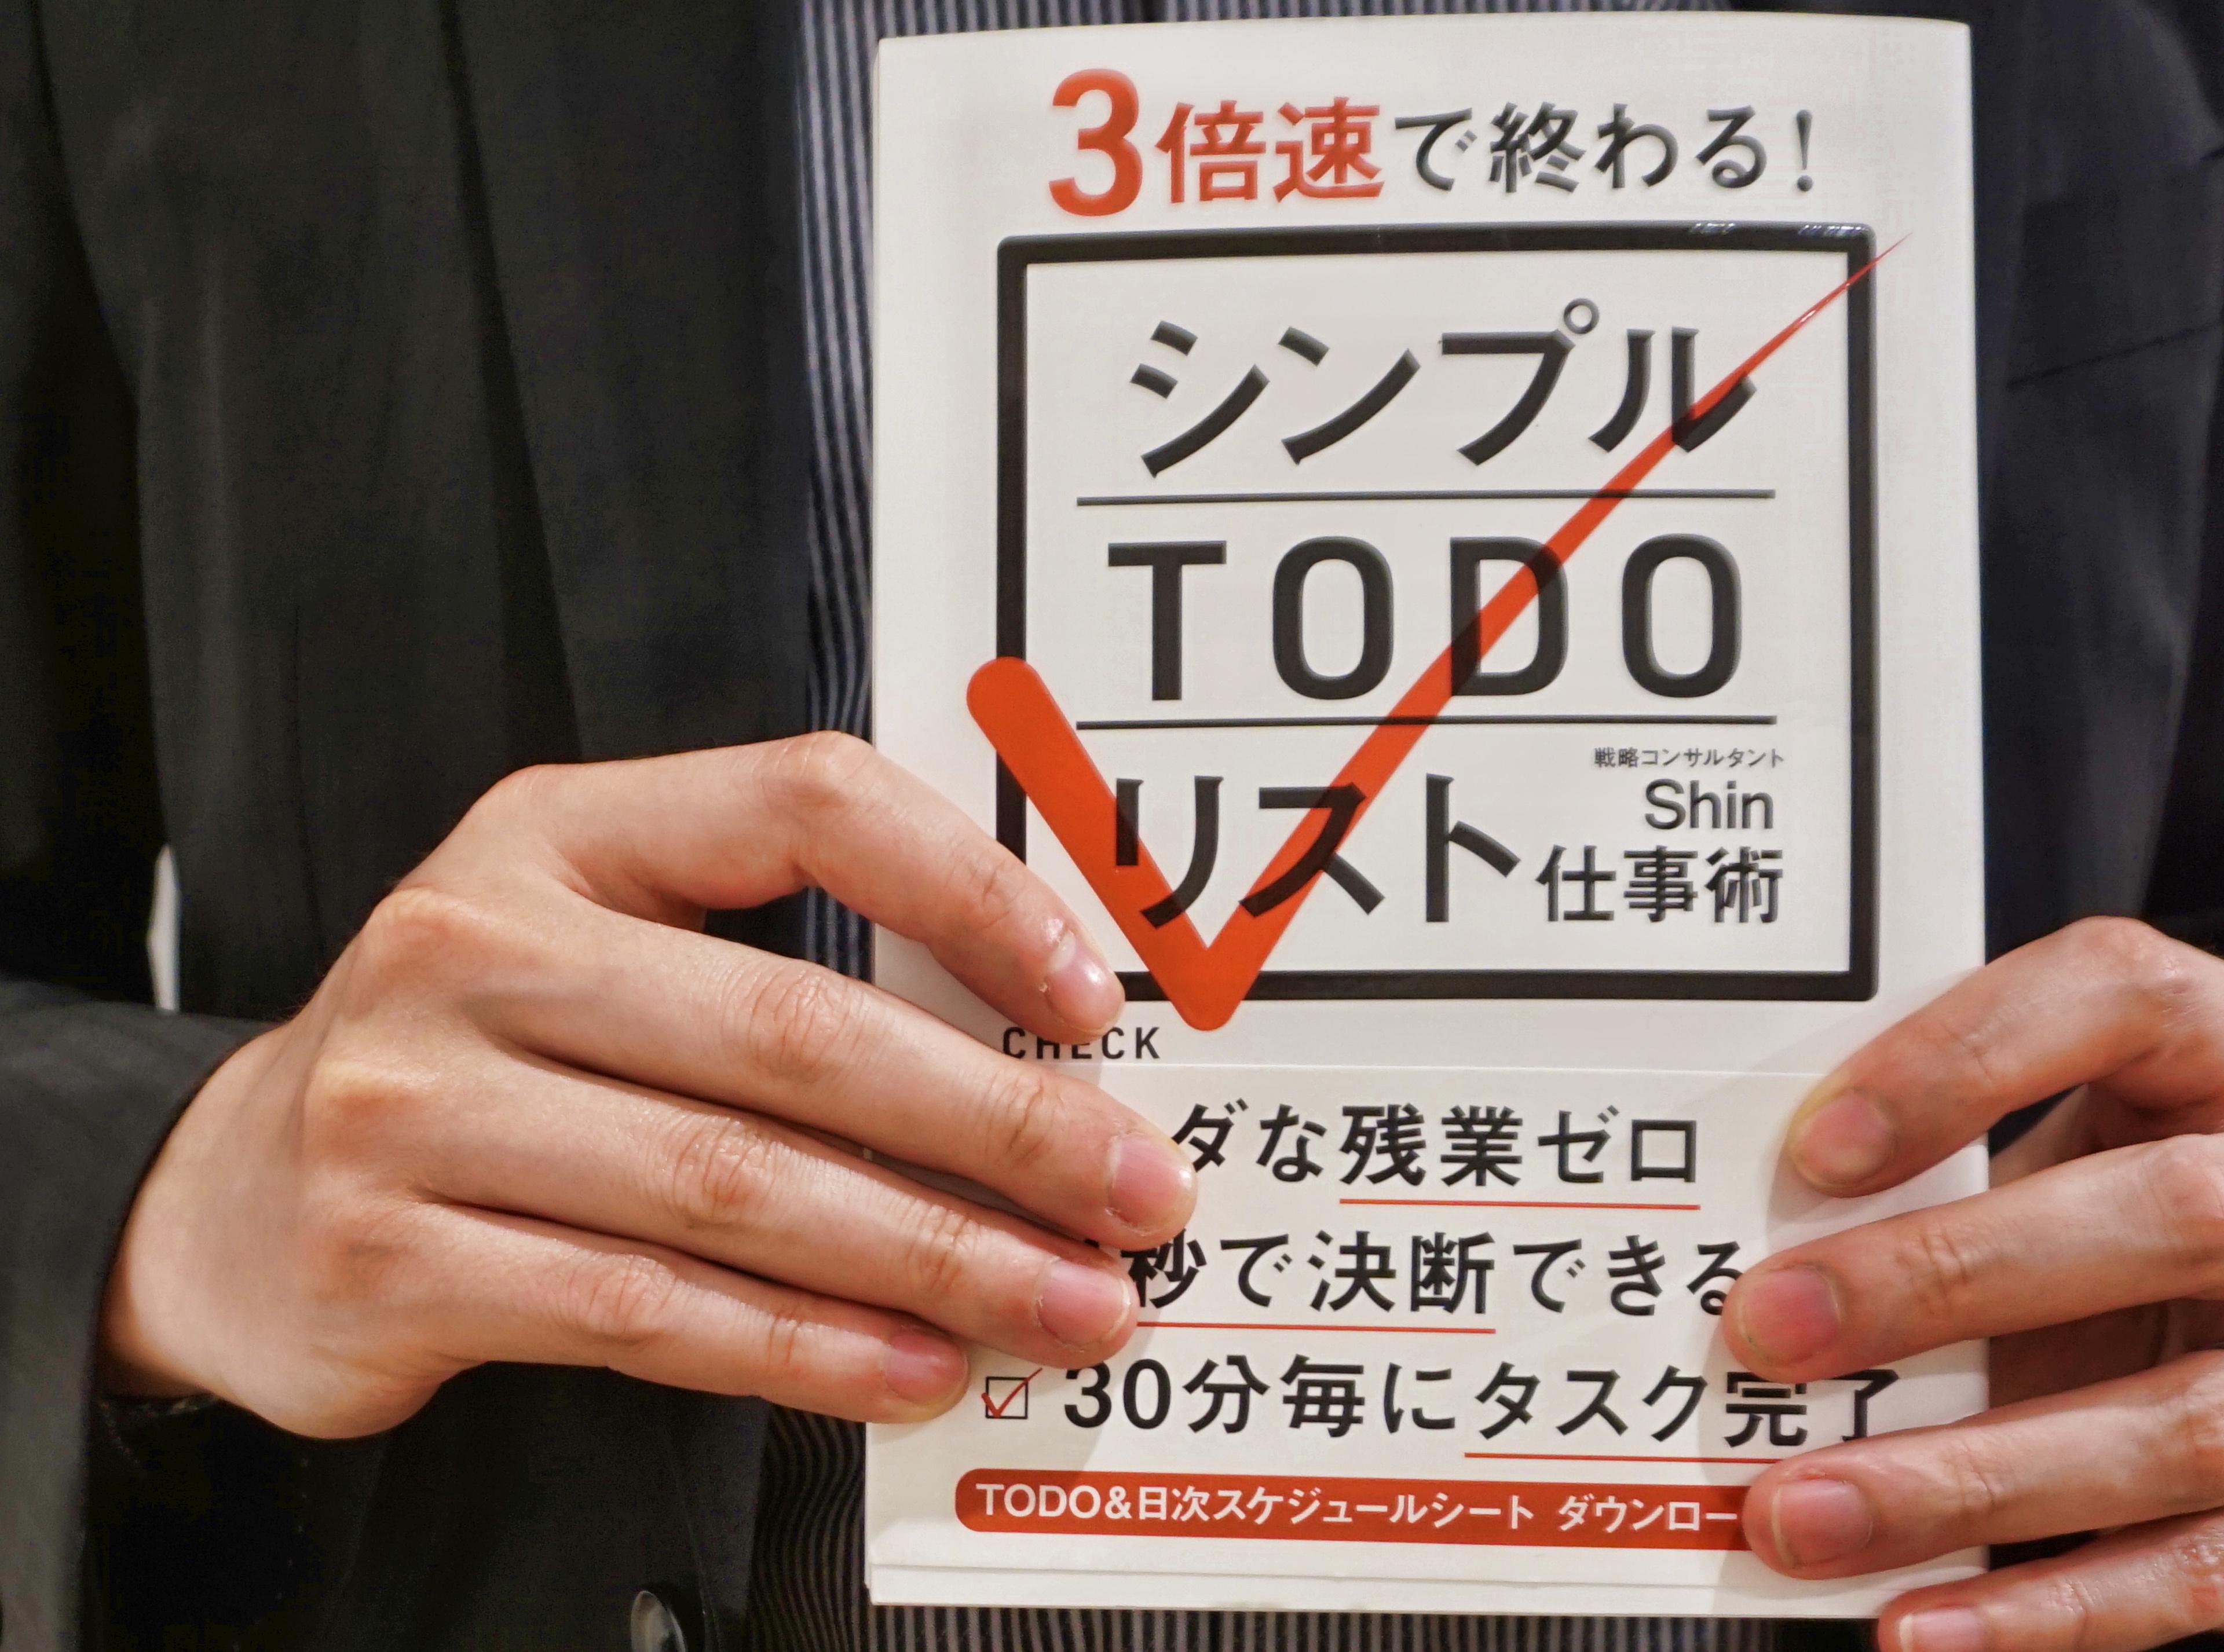 副業を始めたきっかけは、欲望。『シンプルTODOリスト仕事術』の著者Shinさんの仕事への向かい方